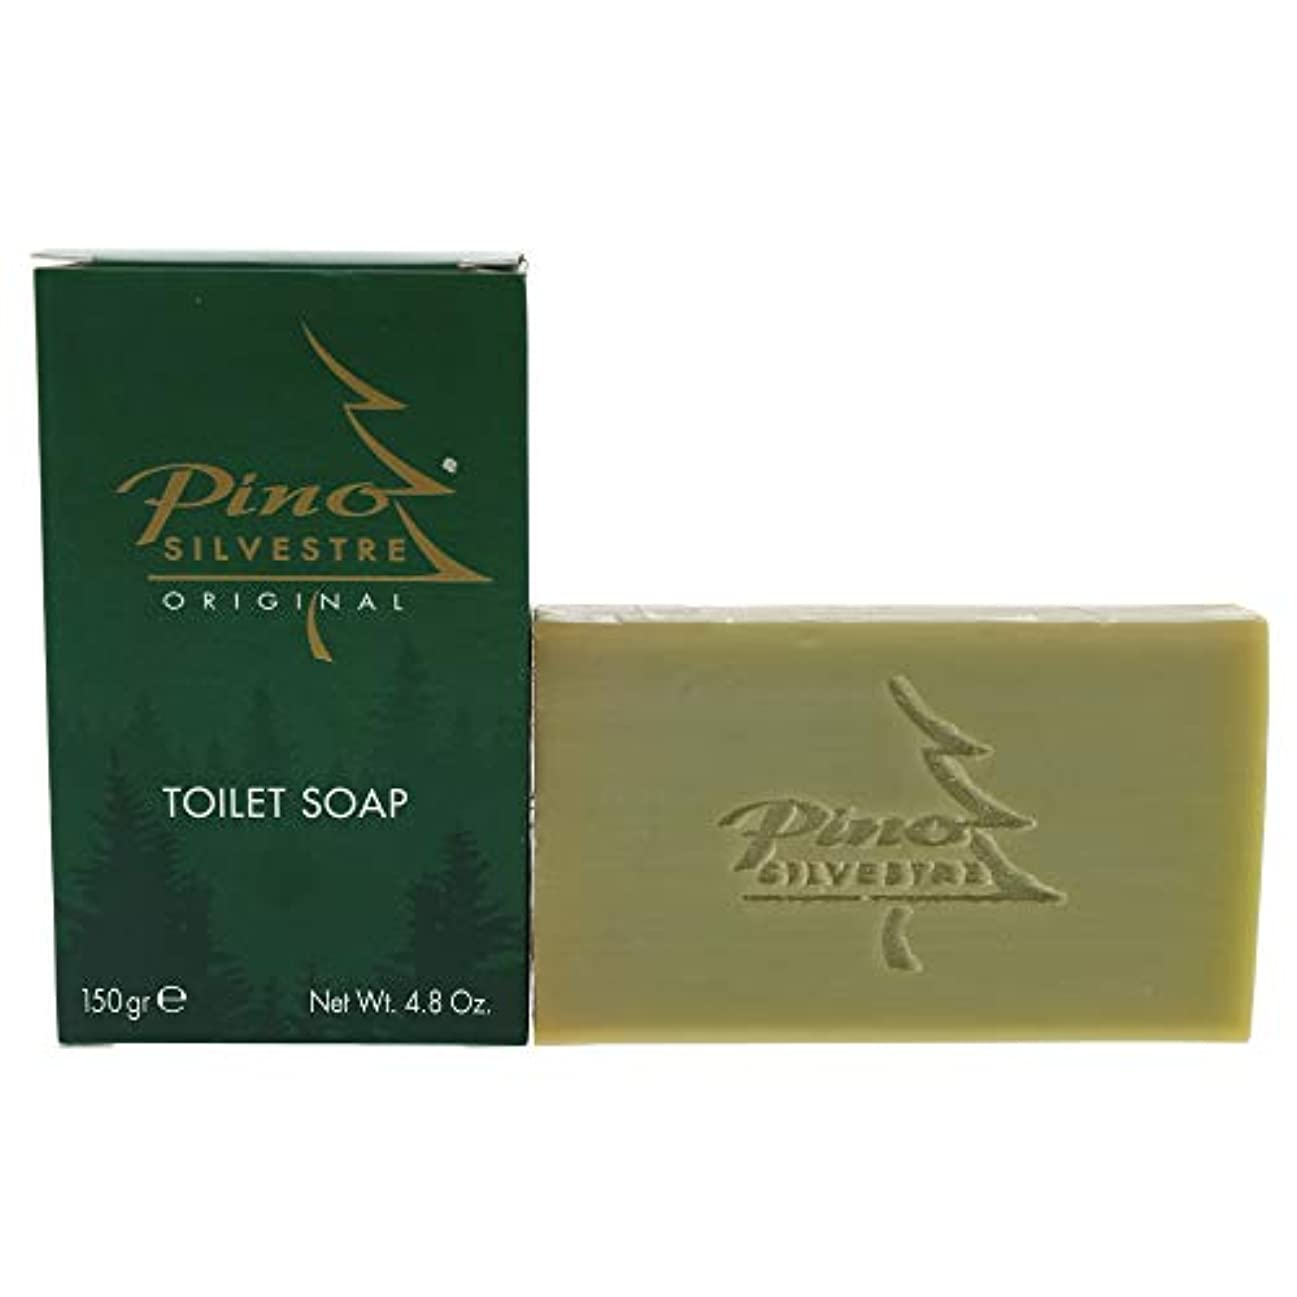 下品震え効果的Original Toilet Soap